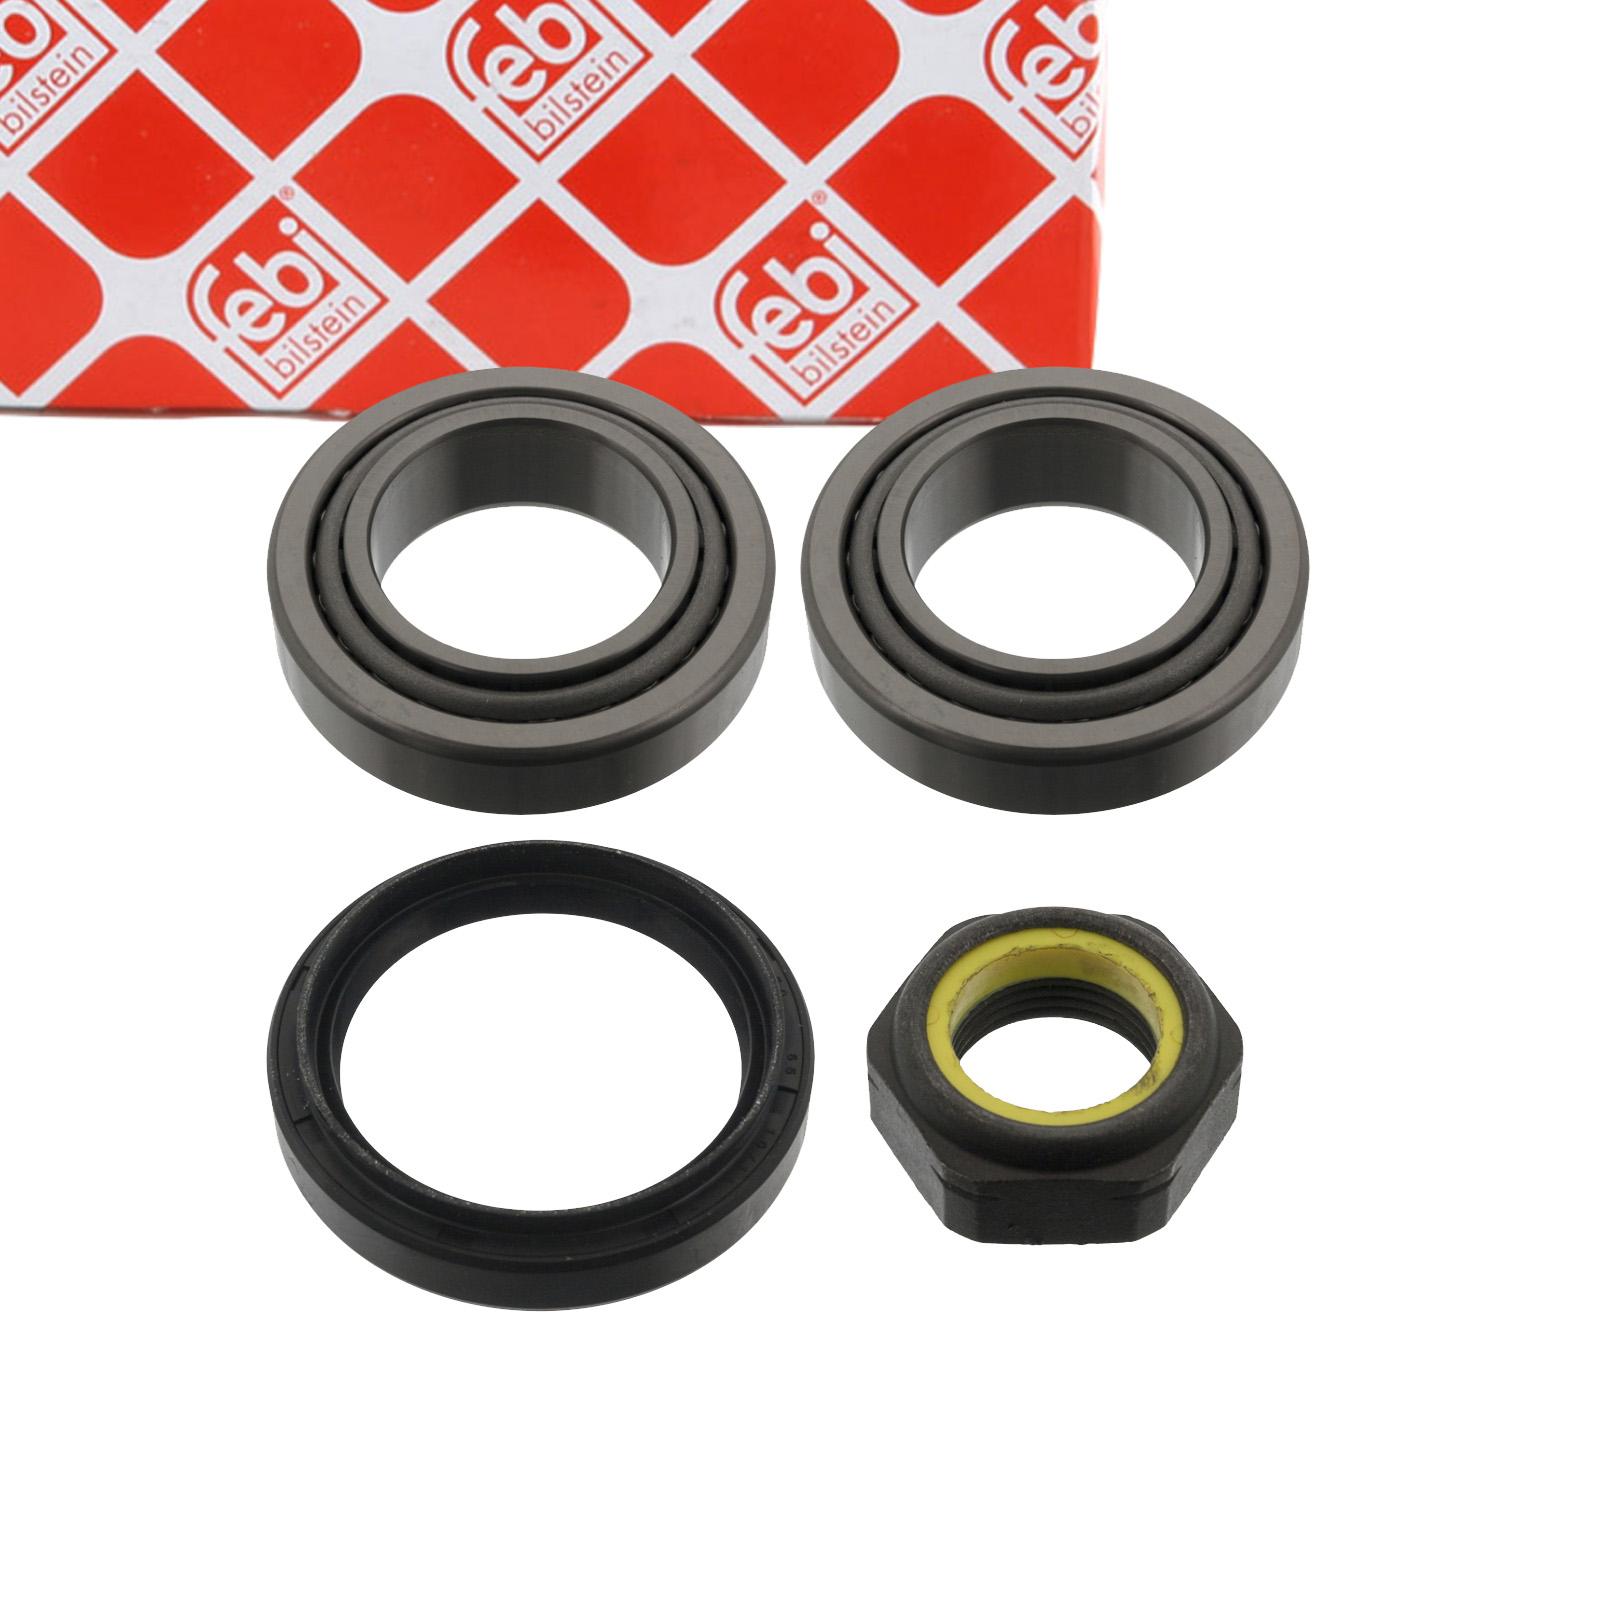 FEBI 05400 Radlagersatz Radlager FORD Sierra 1.6-2.9i / 2.3 D vorne links 5008716